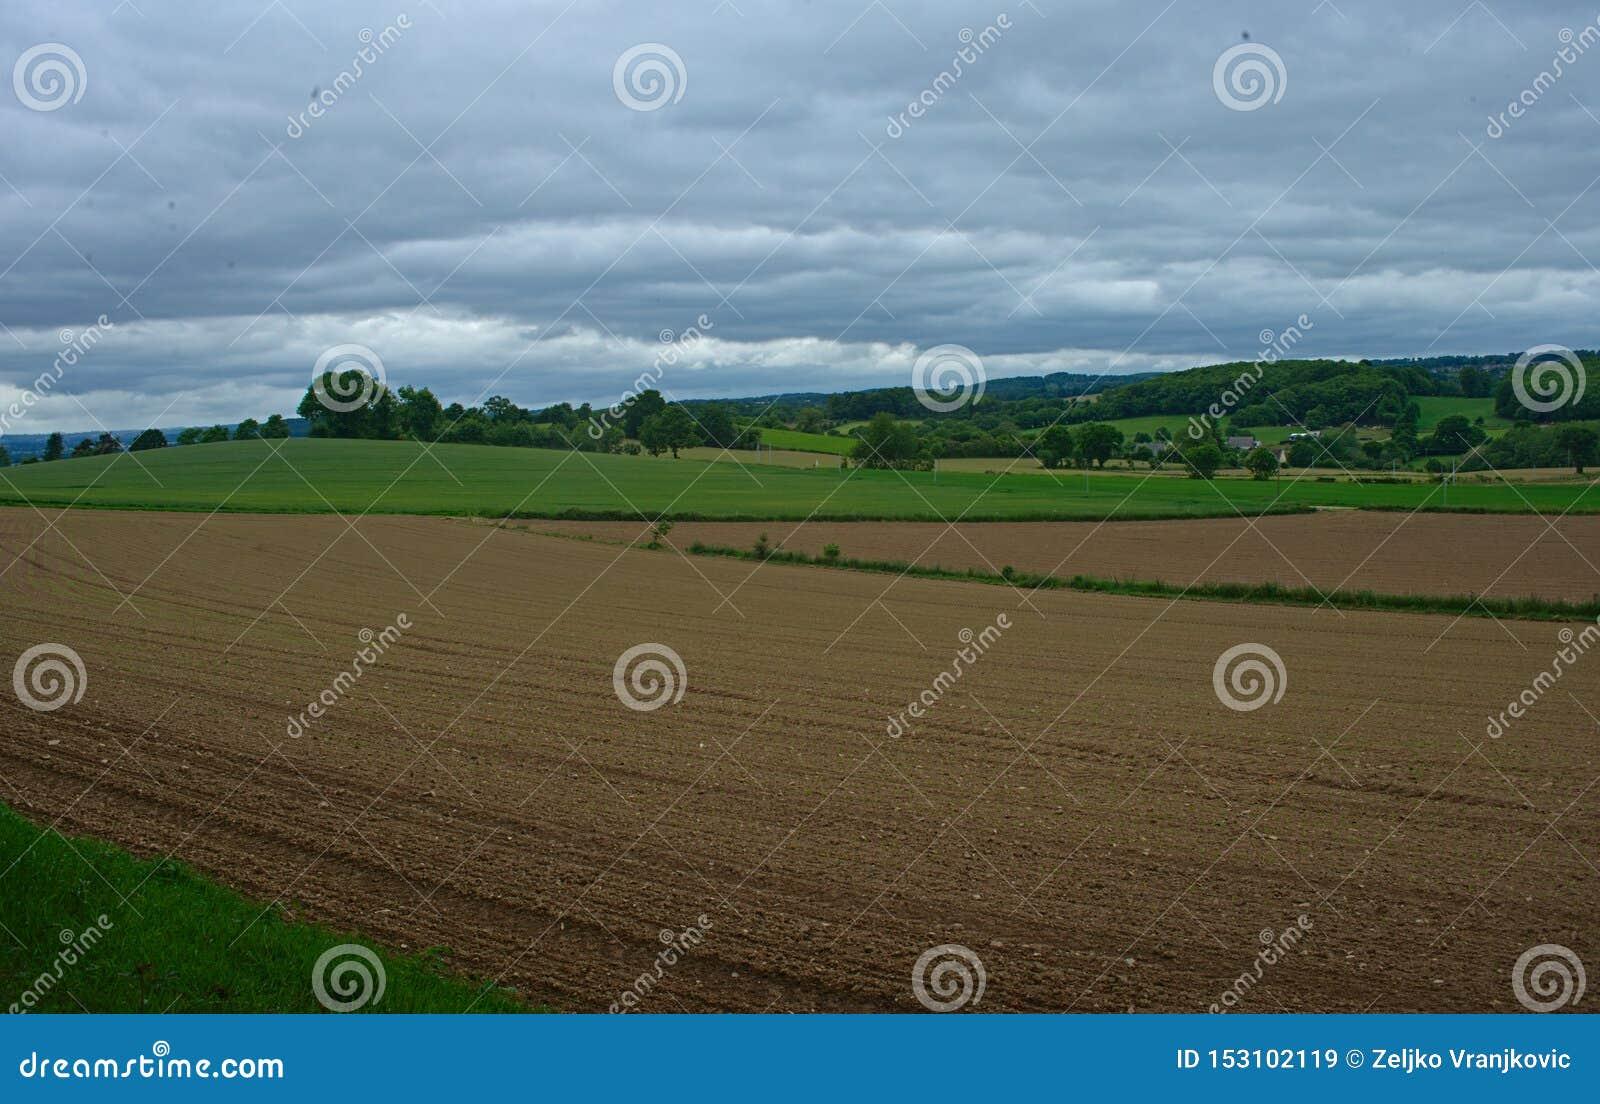 Jordbruks- fält med små havre som växer, och molnig himmel